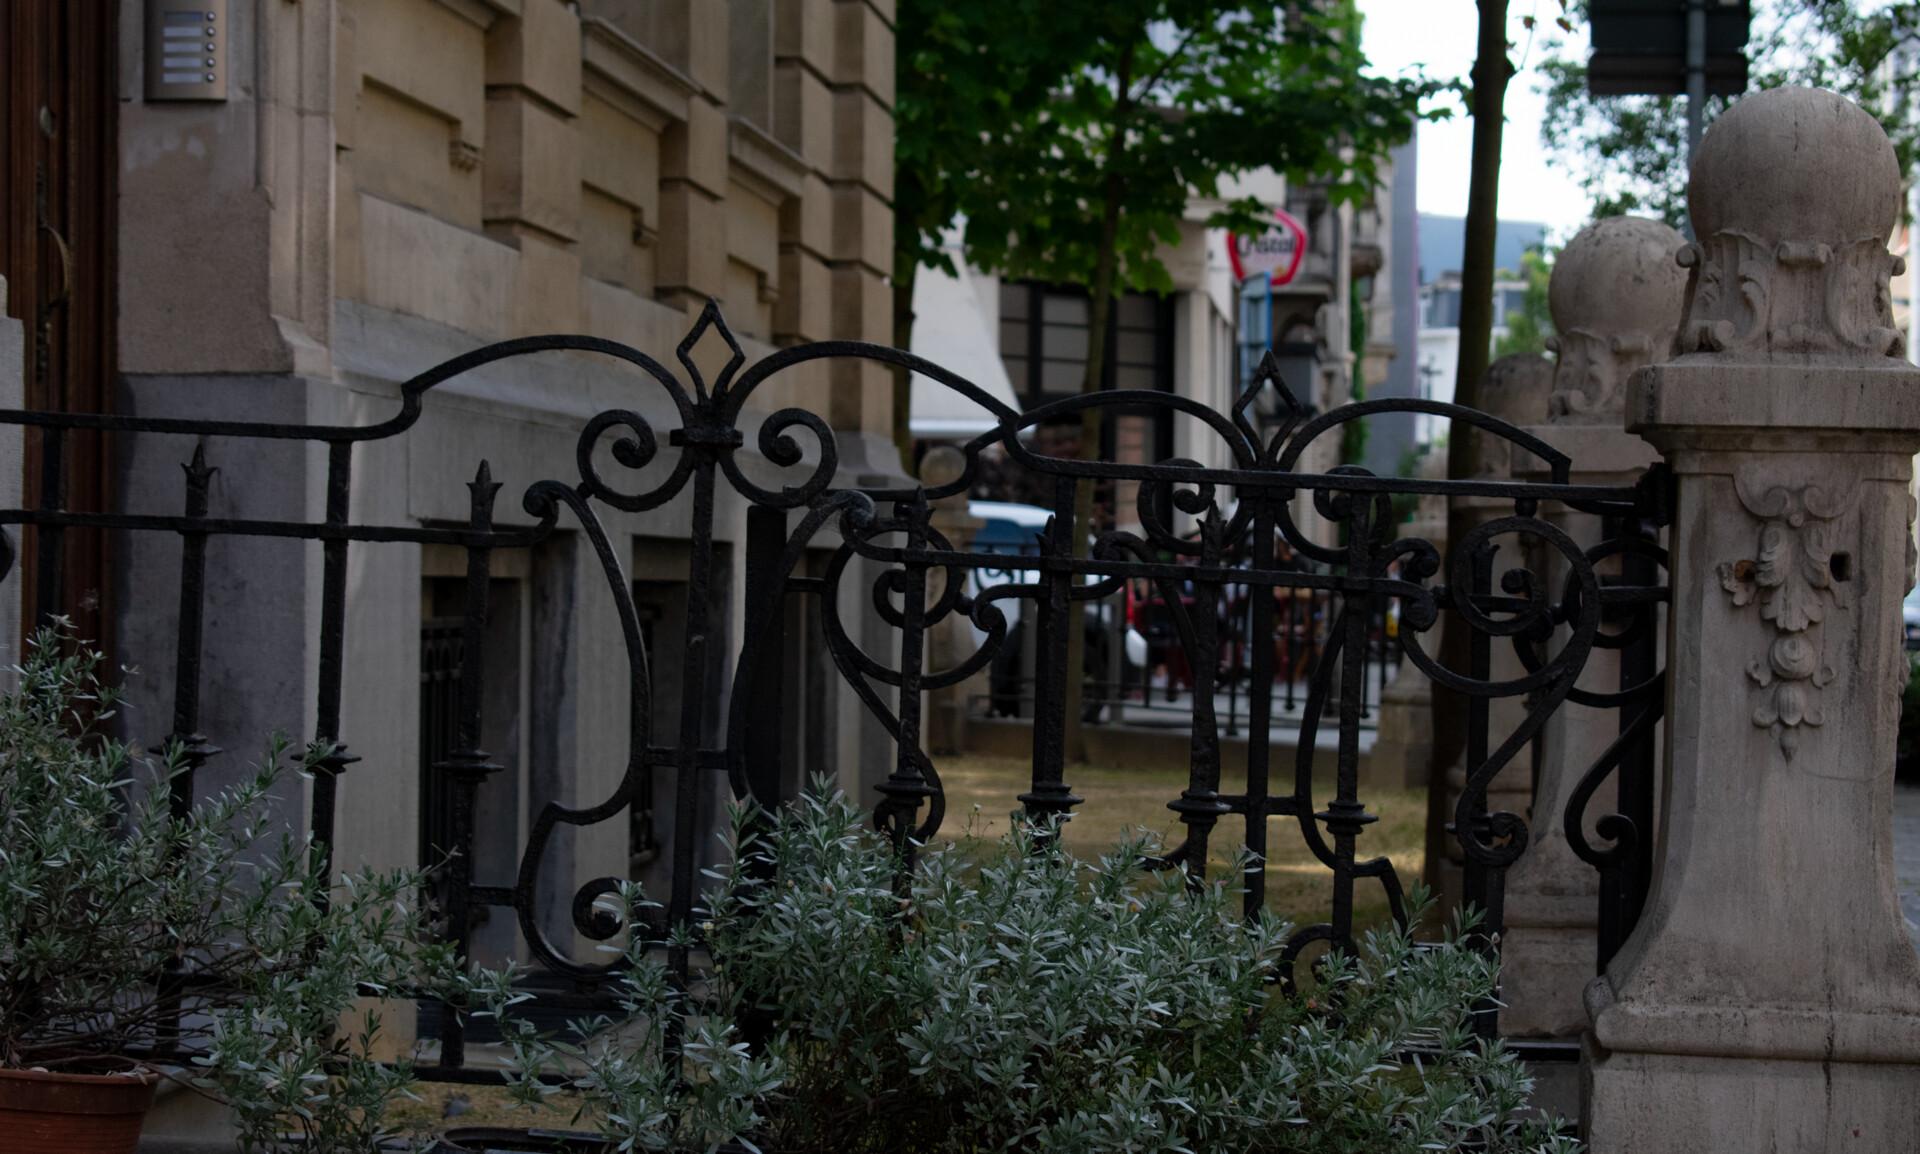 Celestial Art Nouveau Fence